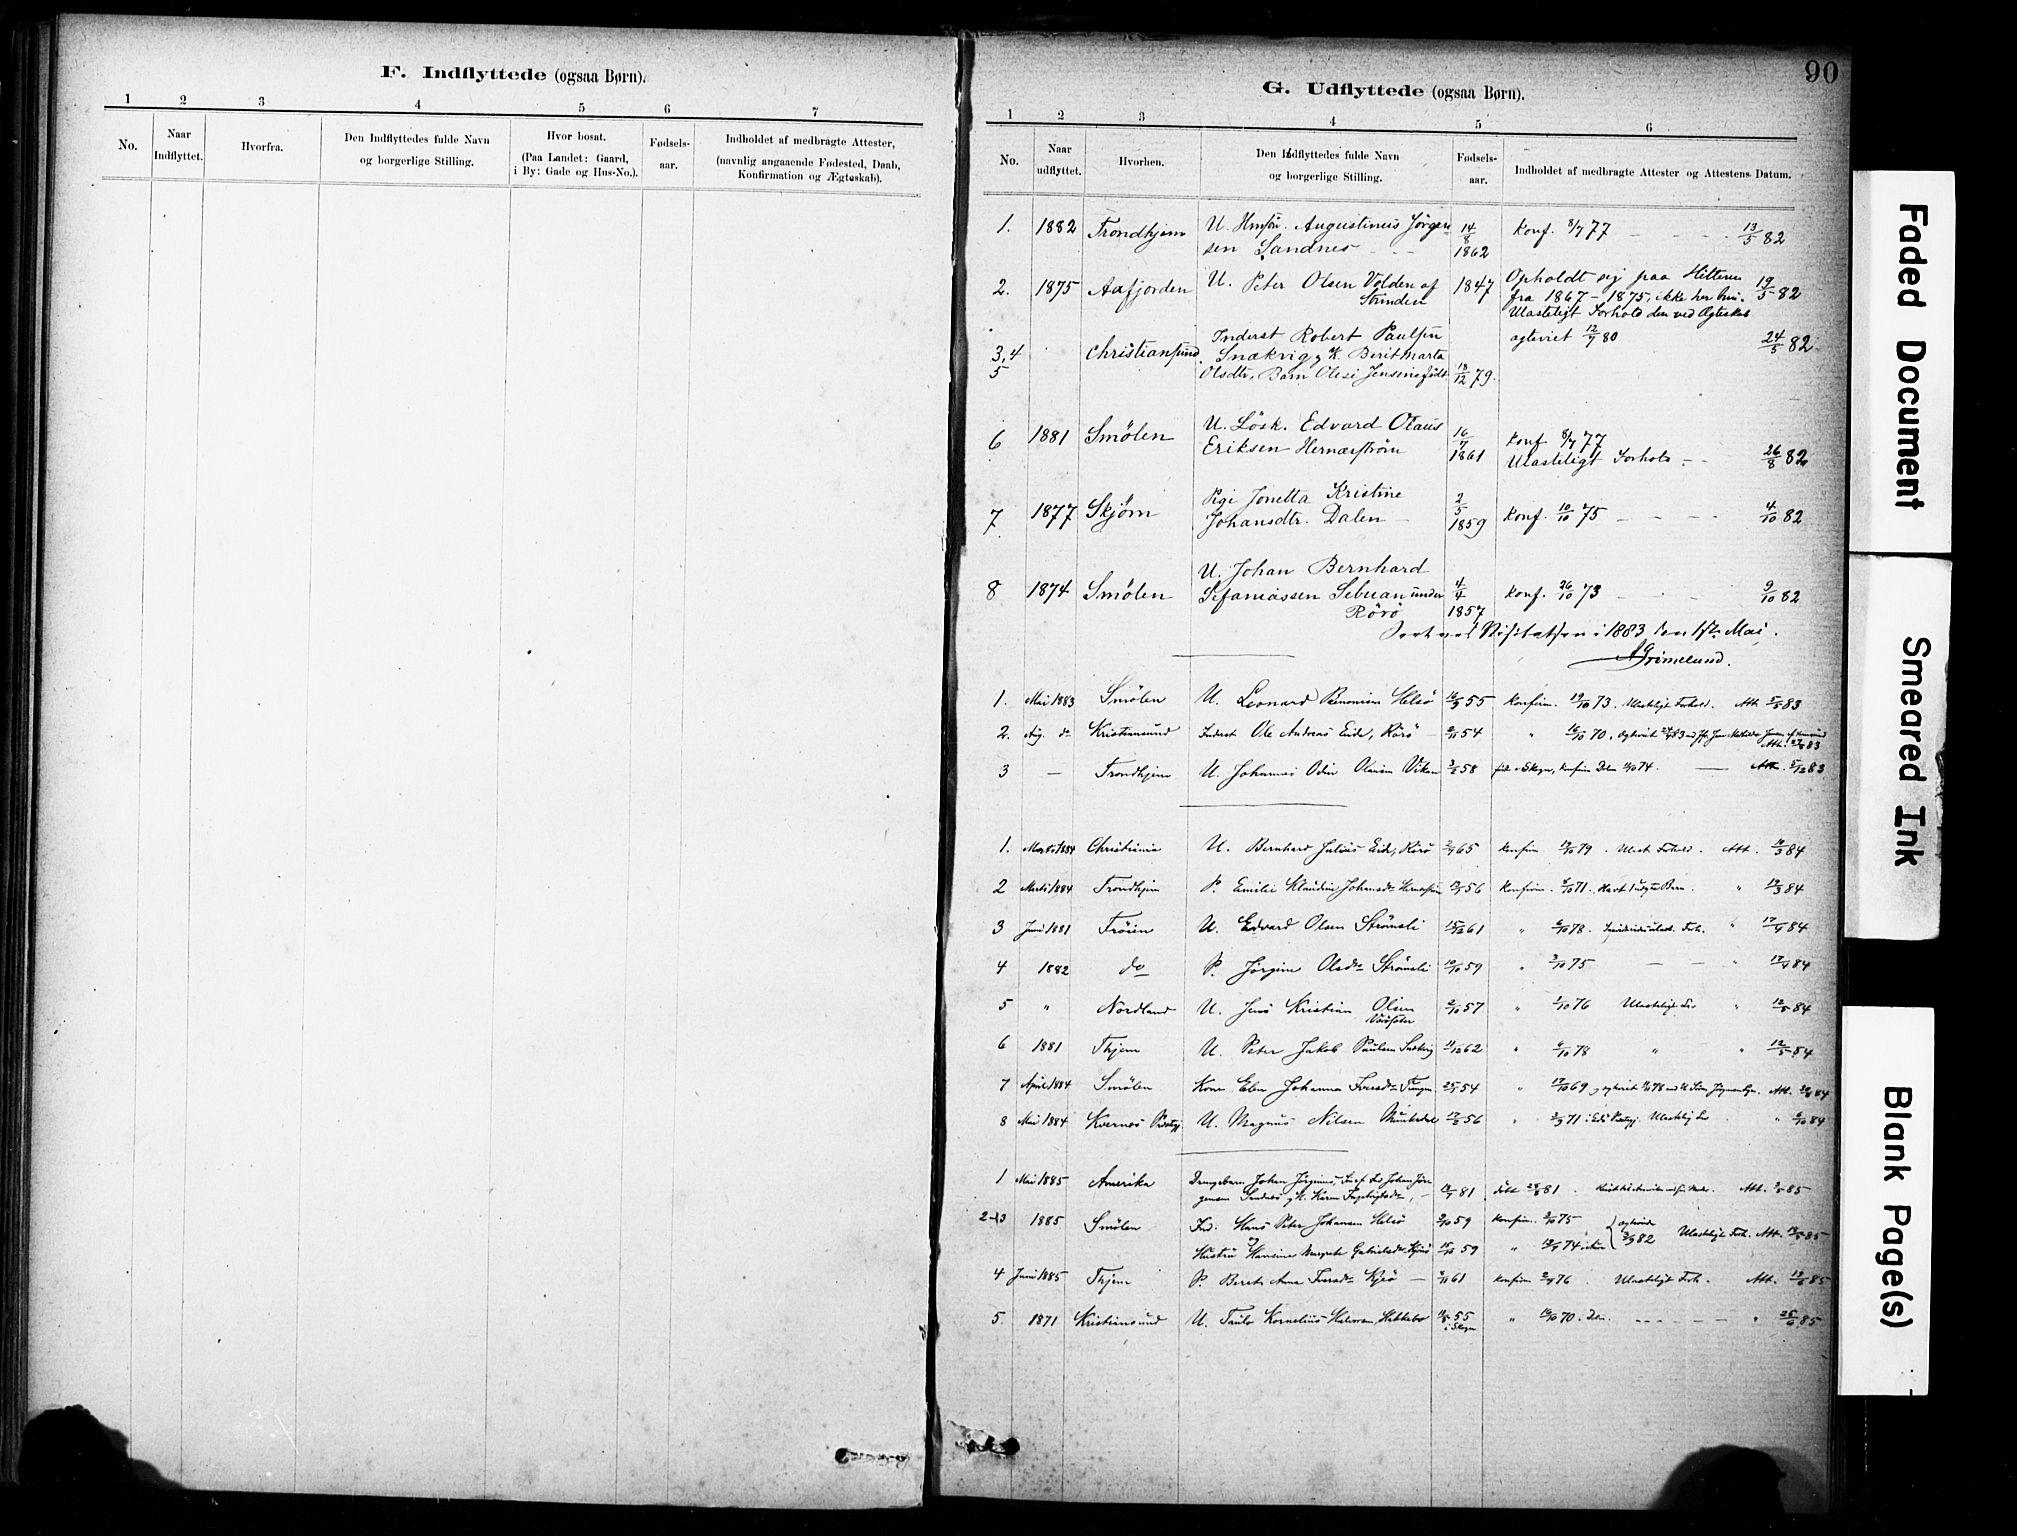 SAT, Ministerialprotokoller, klokkerbøker og fødselsregistre - Sør-Trøndelag, 635/L0551: Ministerialbok nr. 635A01, 1882-1899, s. 90